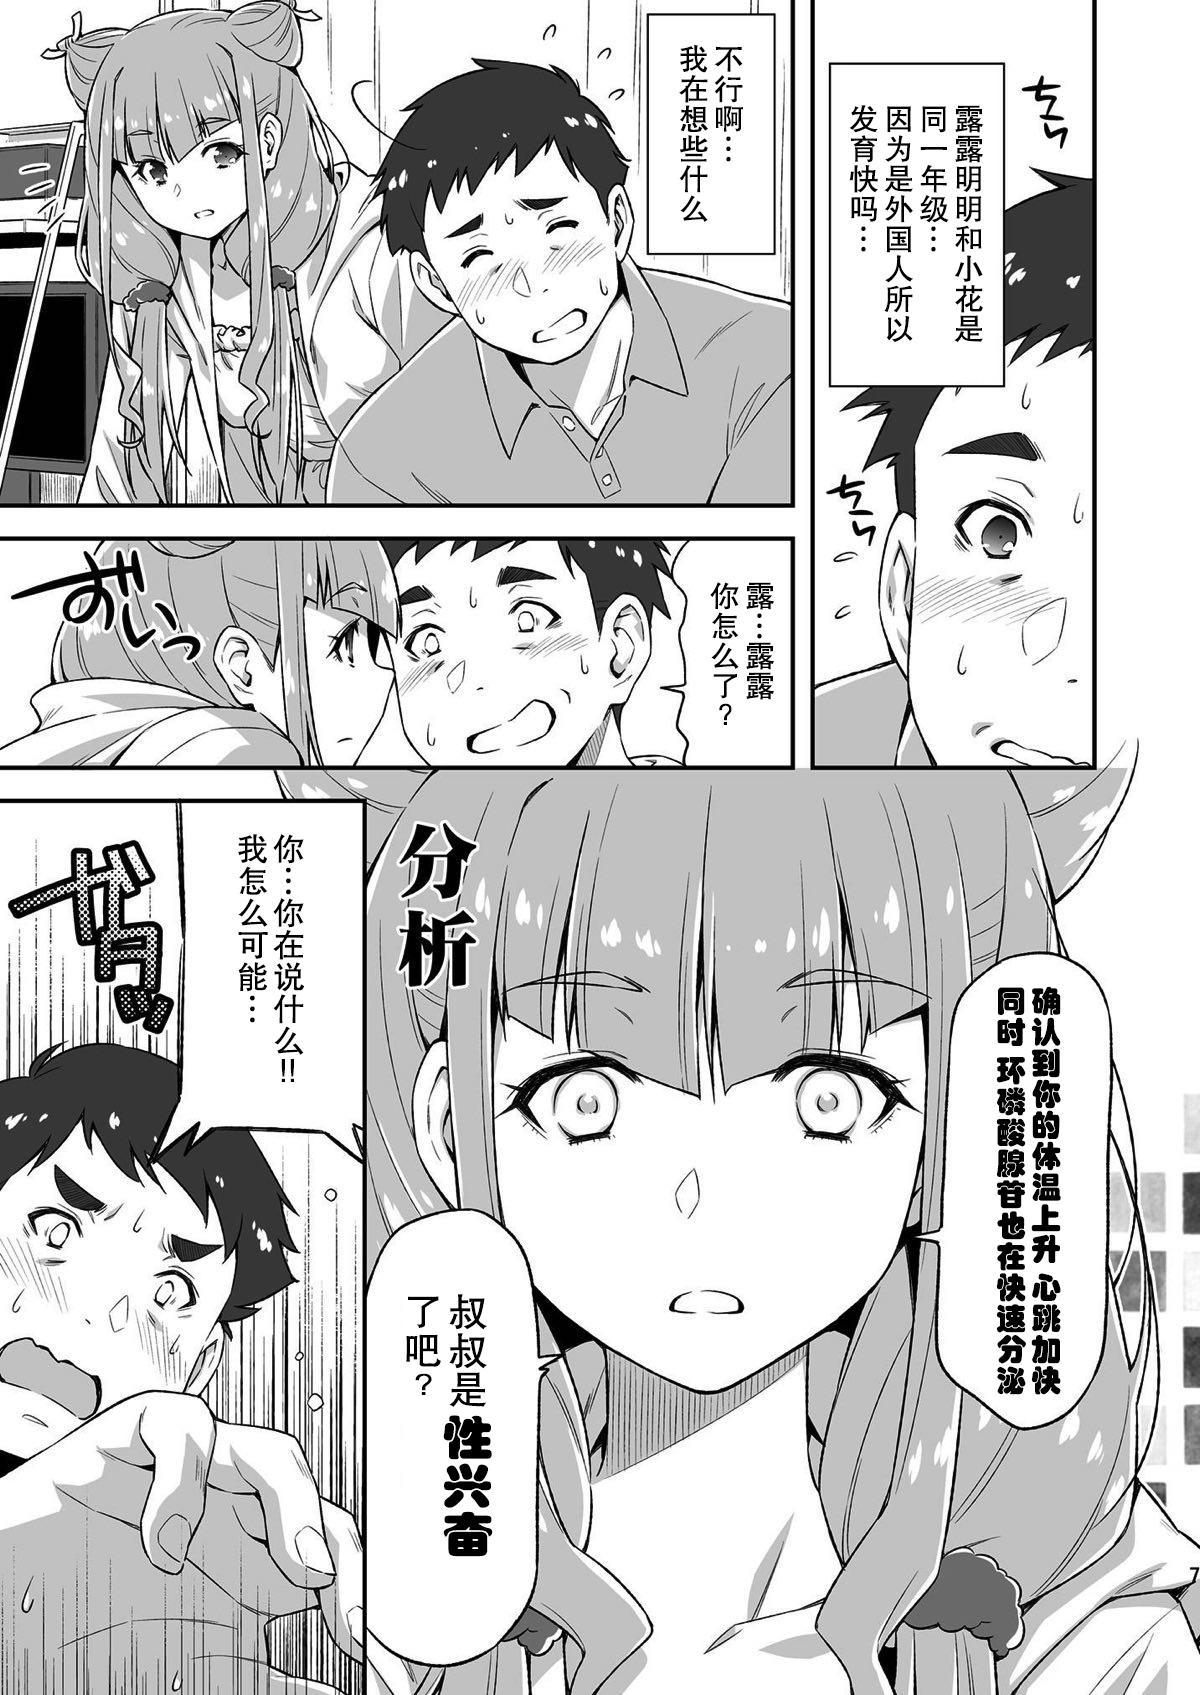 Ruru ga Yonaka ni Totsuzen Semattekita node. 6